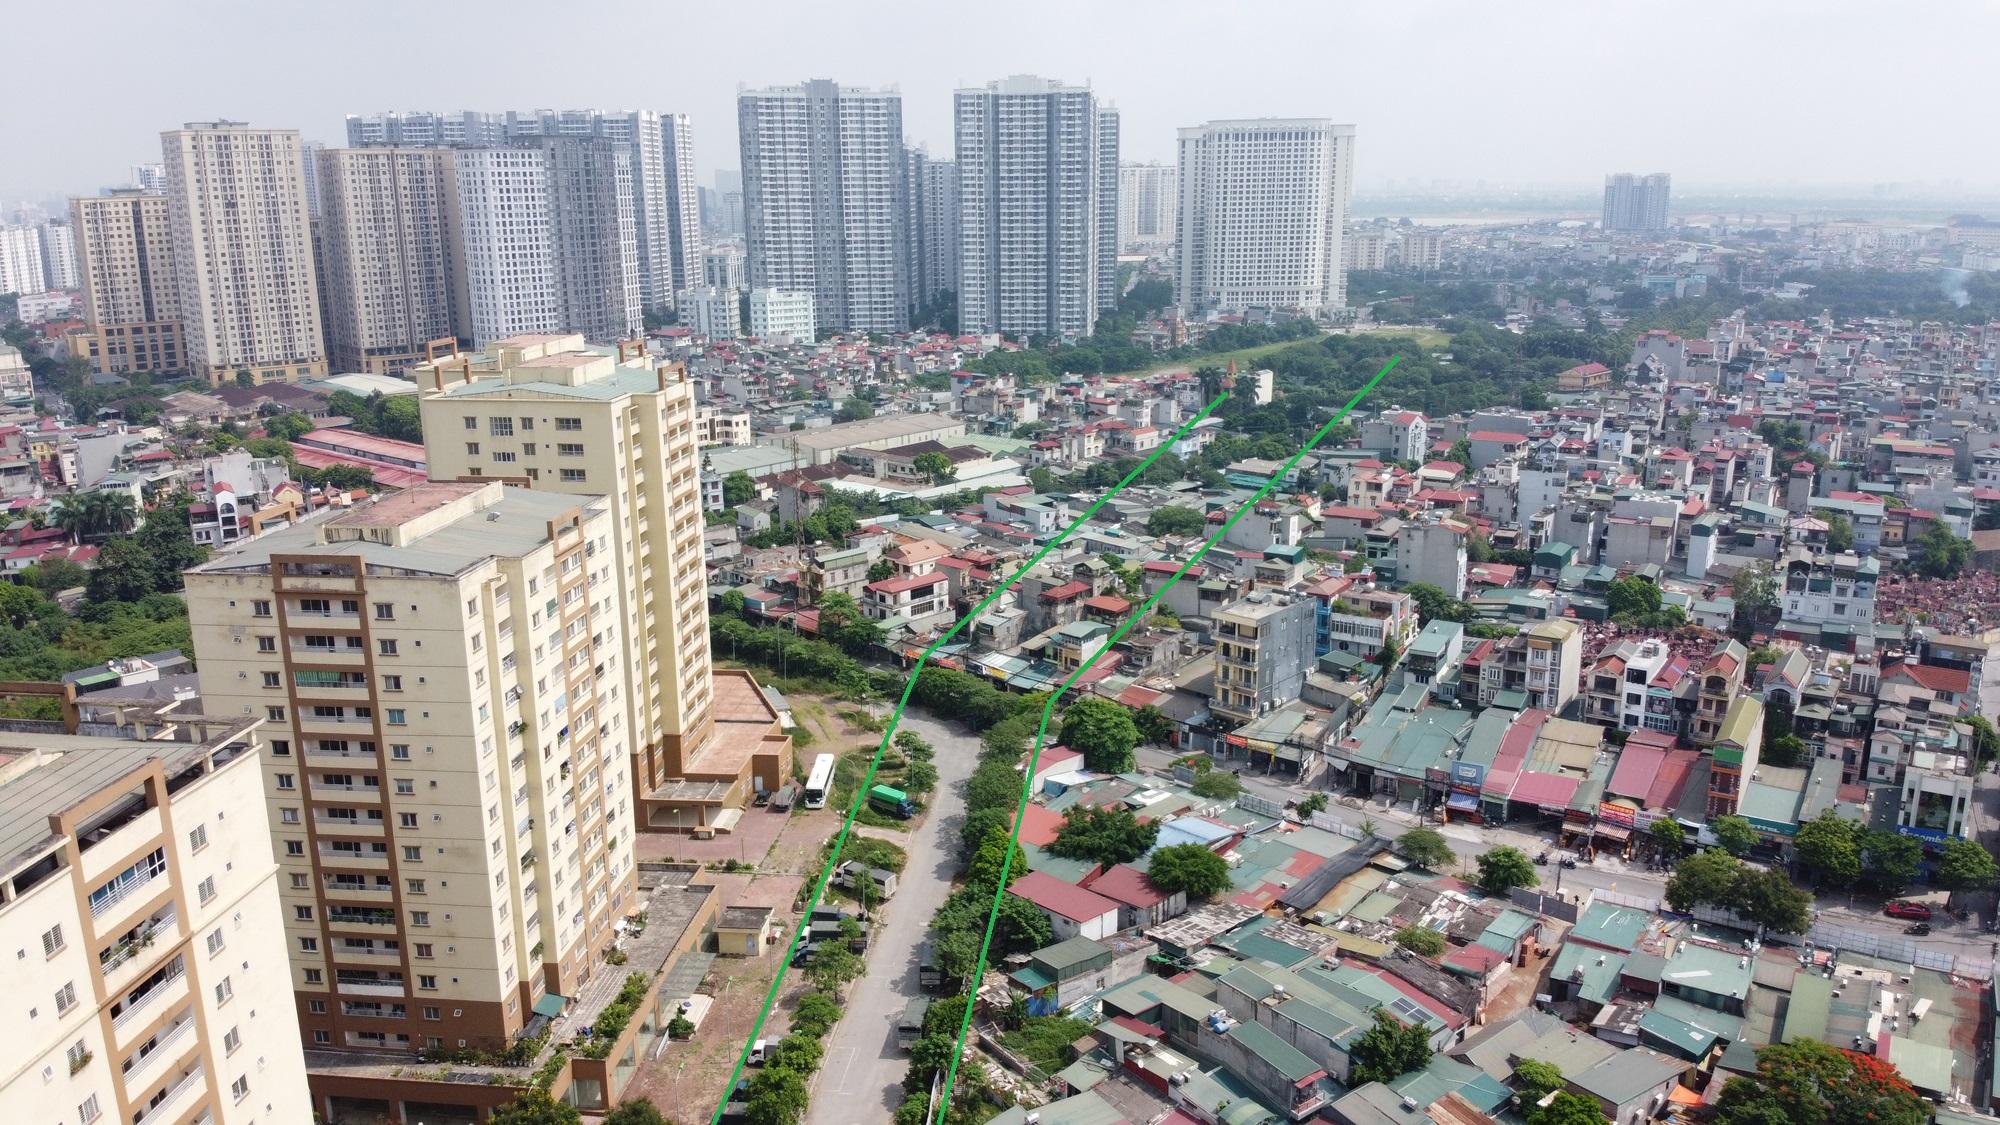 đường sẽ mở theo qui hoạch ở phường Hoàng Văn Thụ, Hoàng Mai, Hà Nội - Ảnh 9.